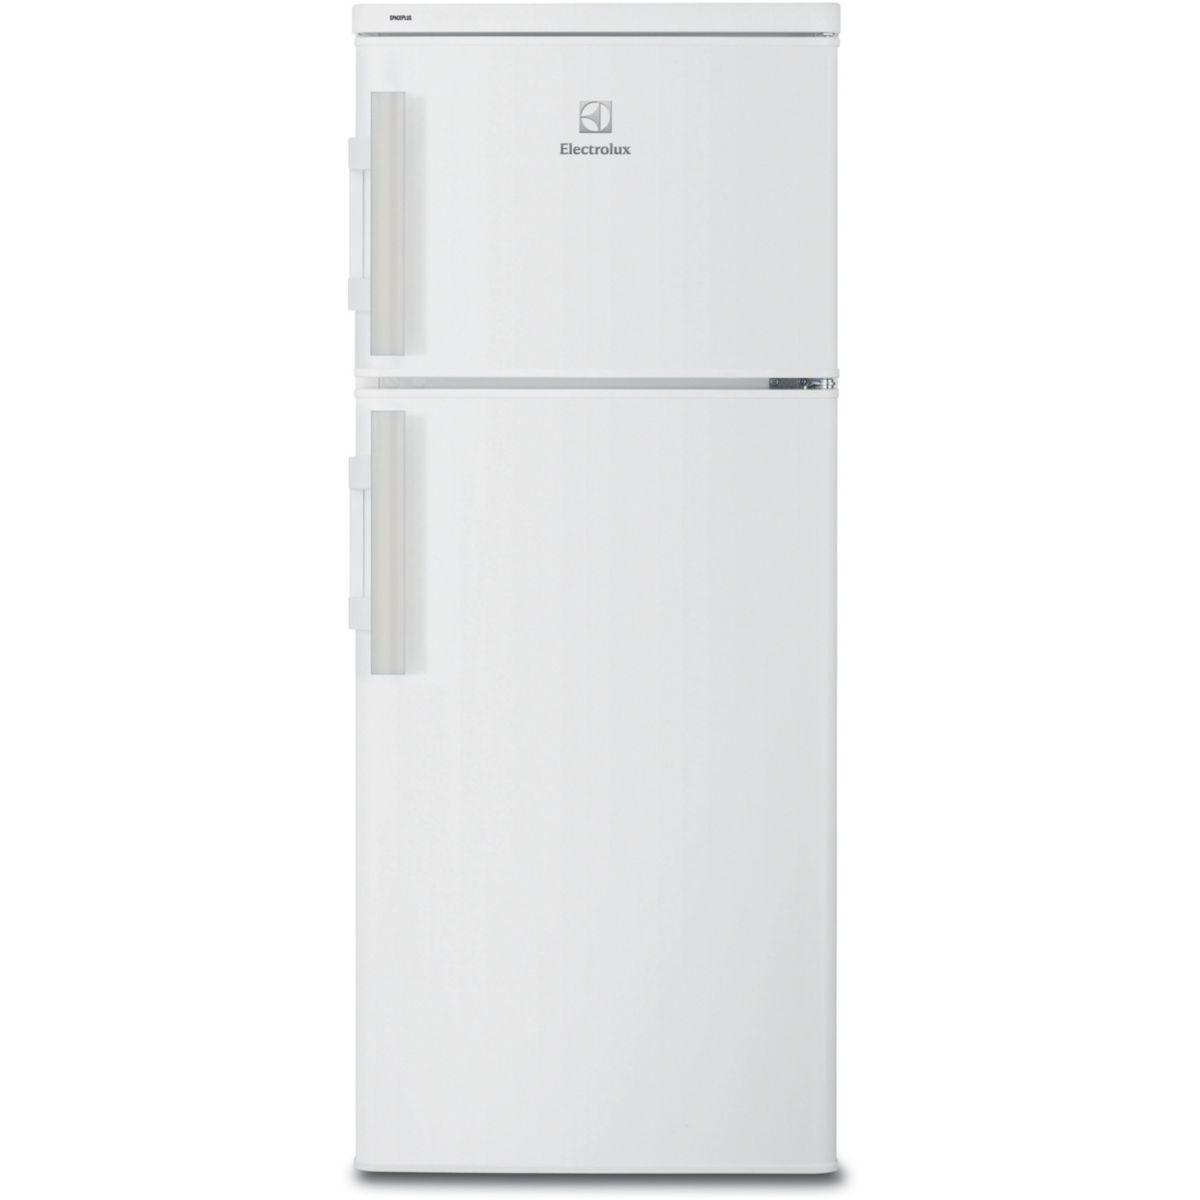 Réfrigérateur congélateur en haut electrolux ej2301aow2 - 15% de remise immédiate avec le code : fete15